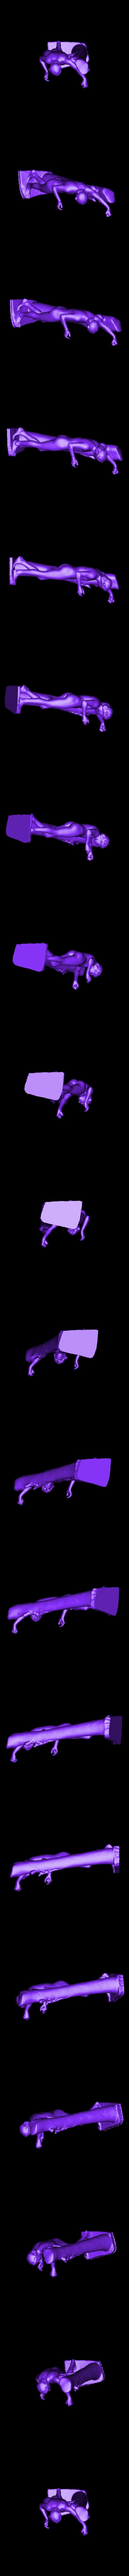 louvre-apollo-saucroctone-1.stl Download free STL file Apollo Sauroctonus at The Louvre, Paris • Object to 3D print, Louvre